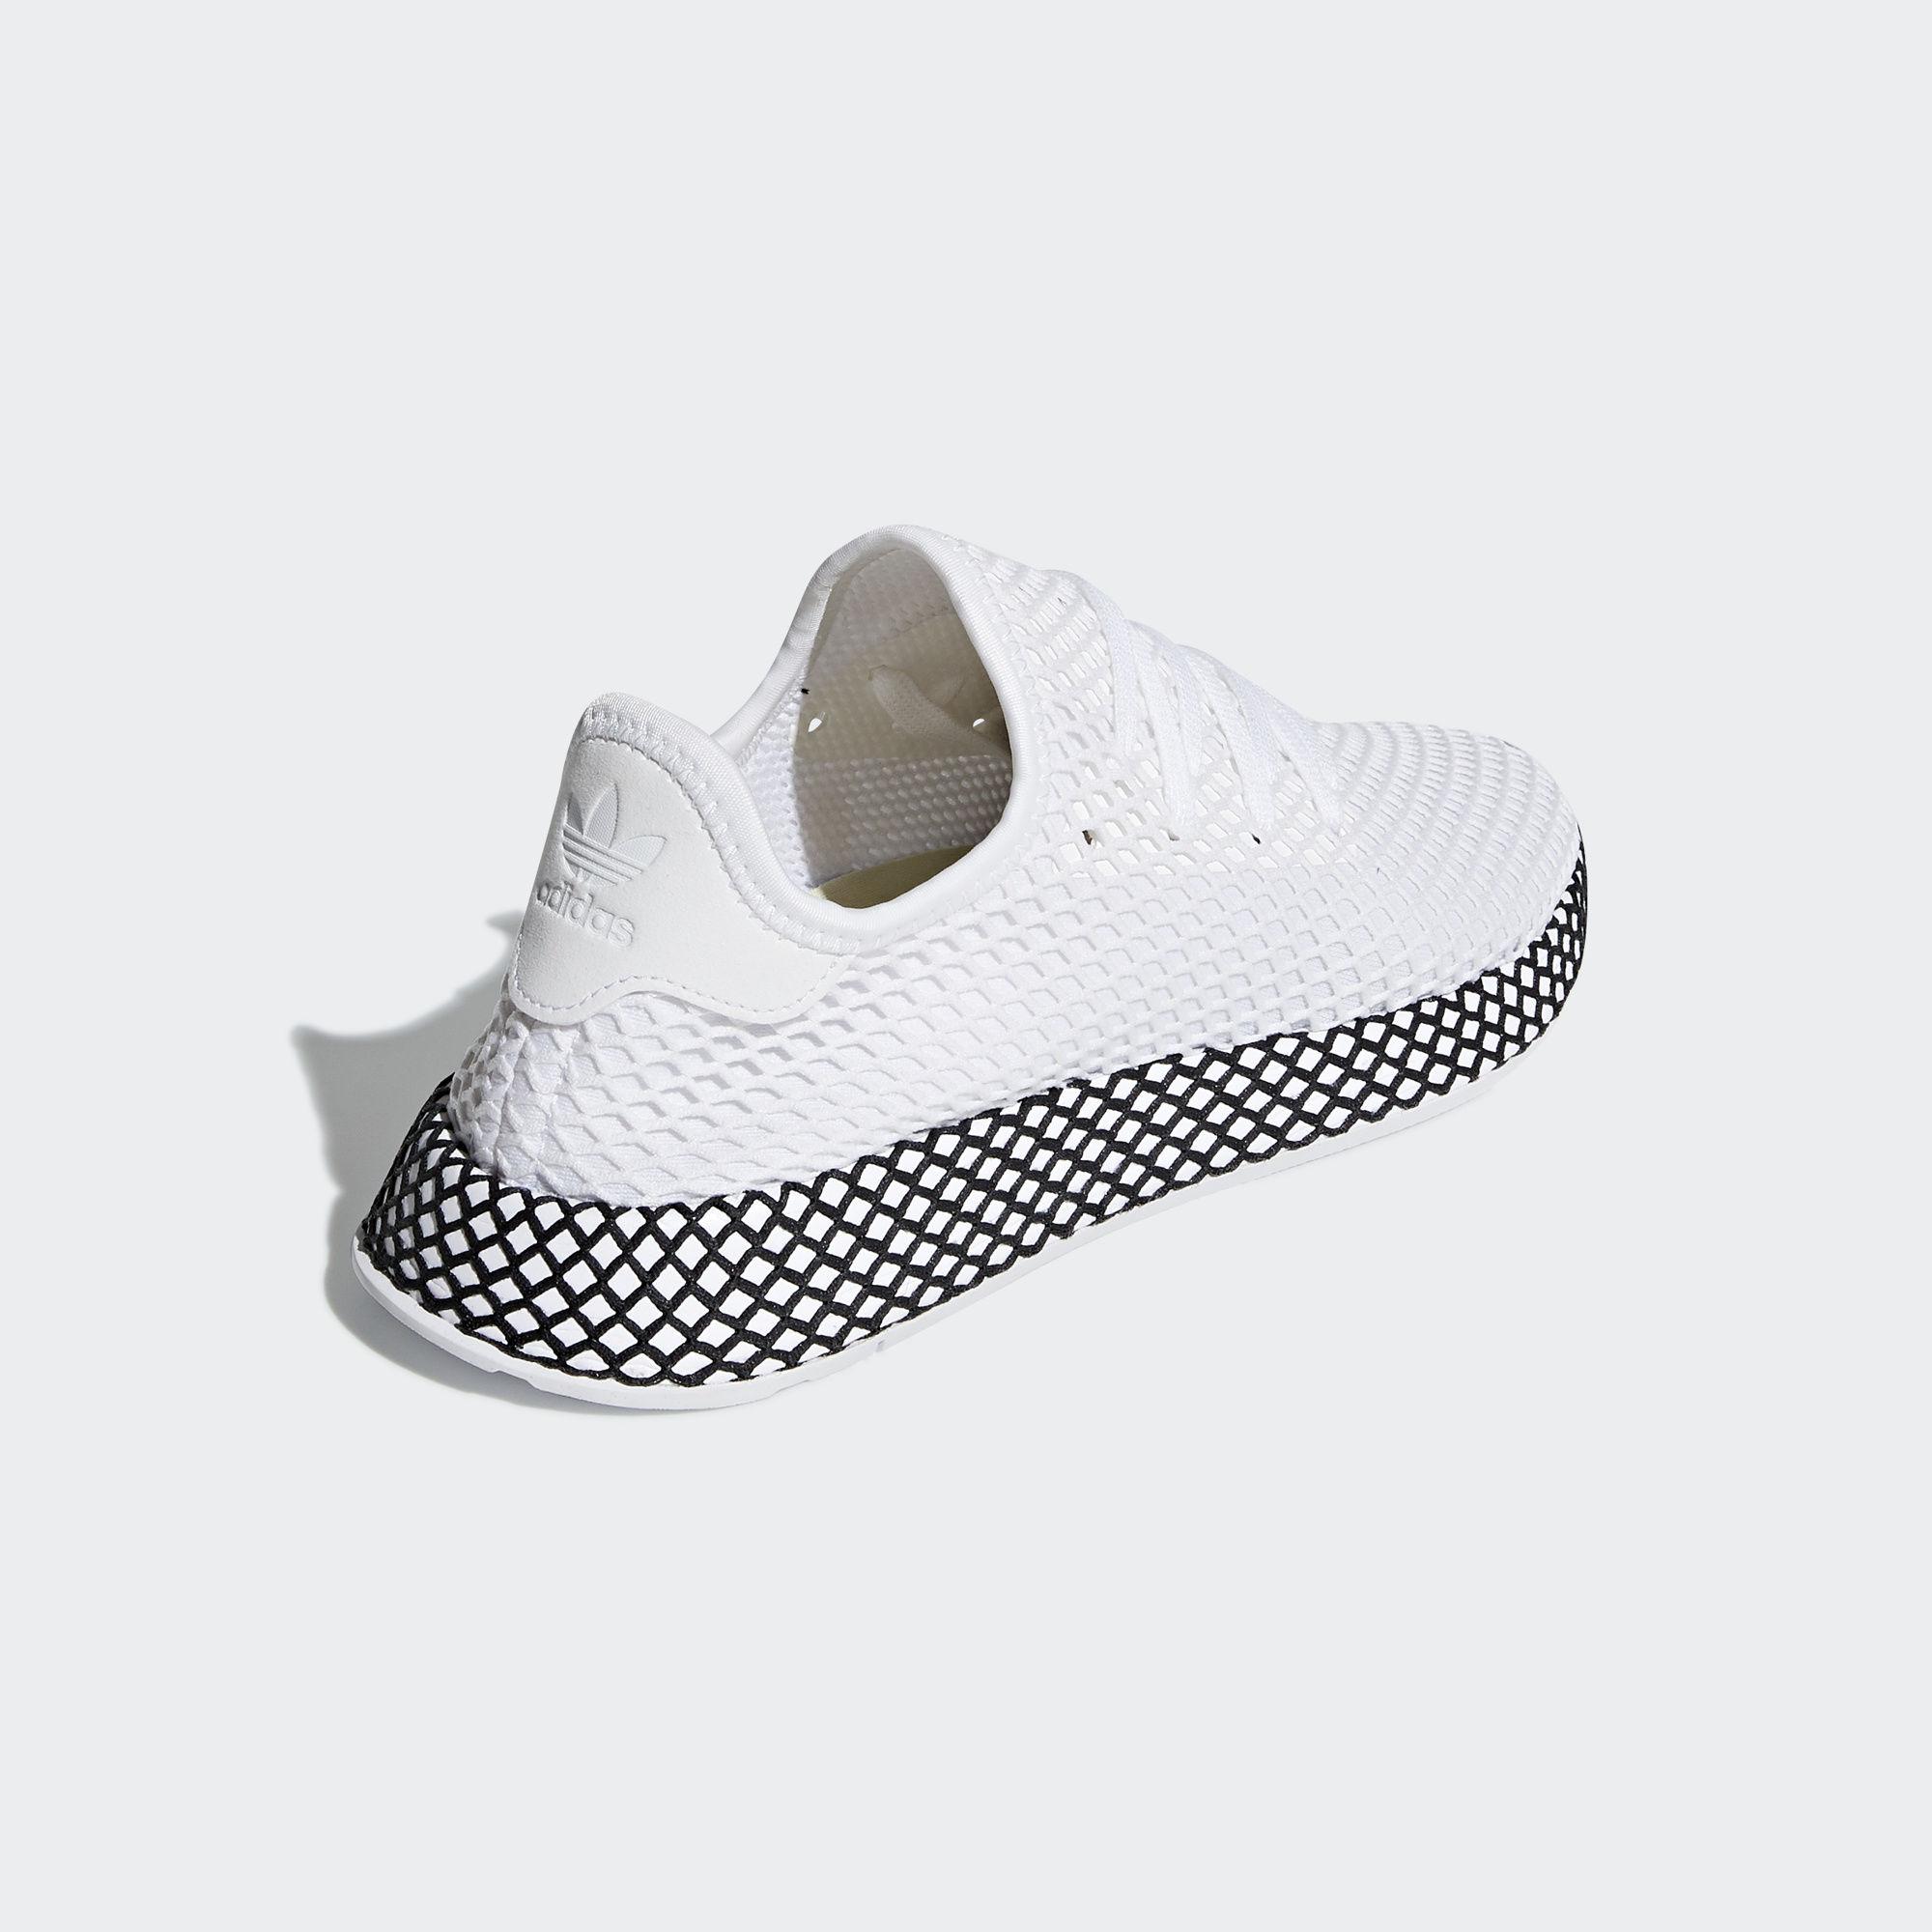 Adidas Deerupt Runner Ftwr White / Ftwr White / Core Black (B41767)